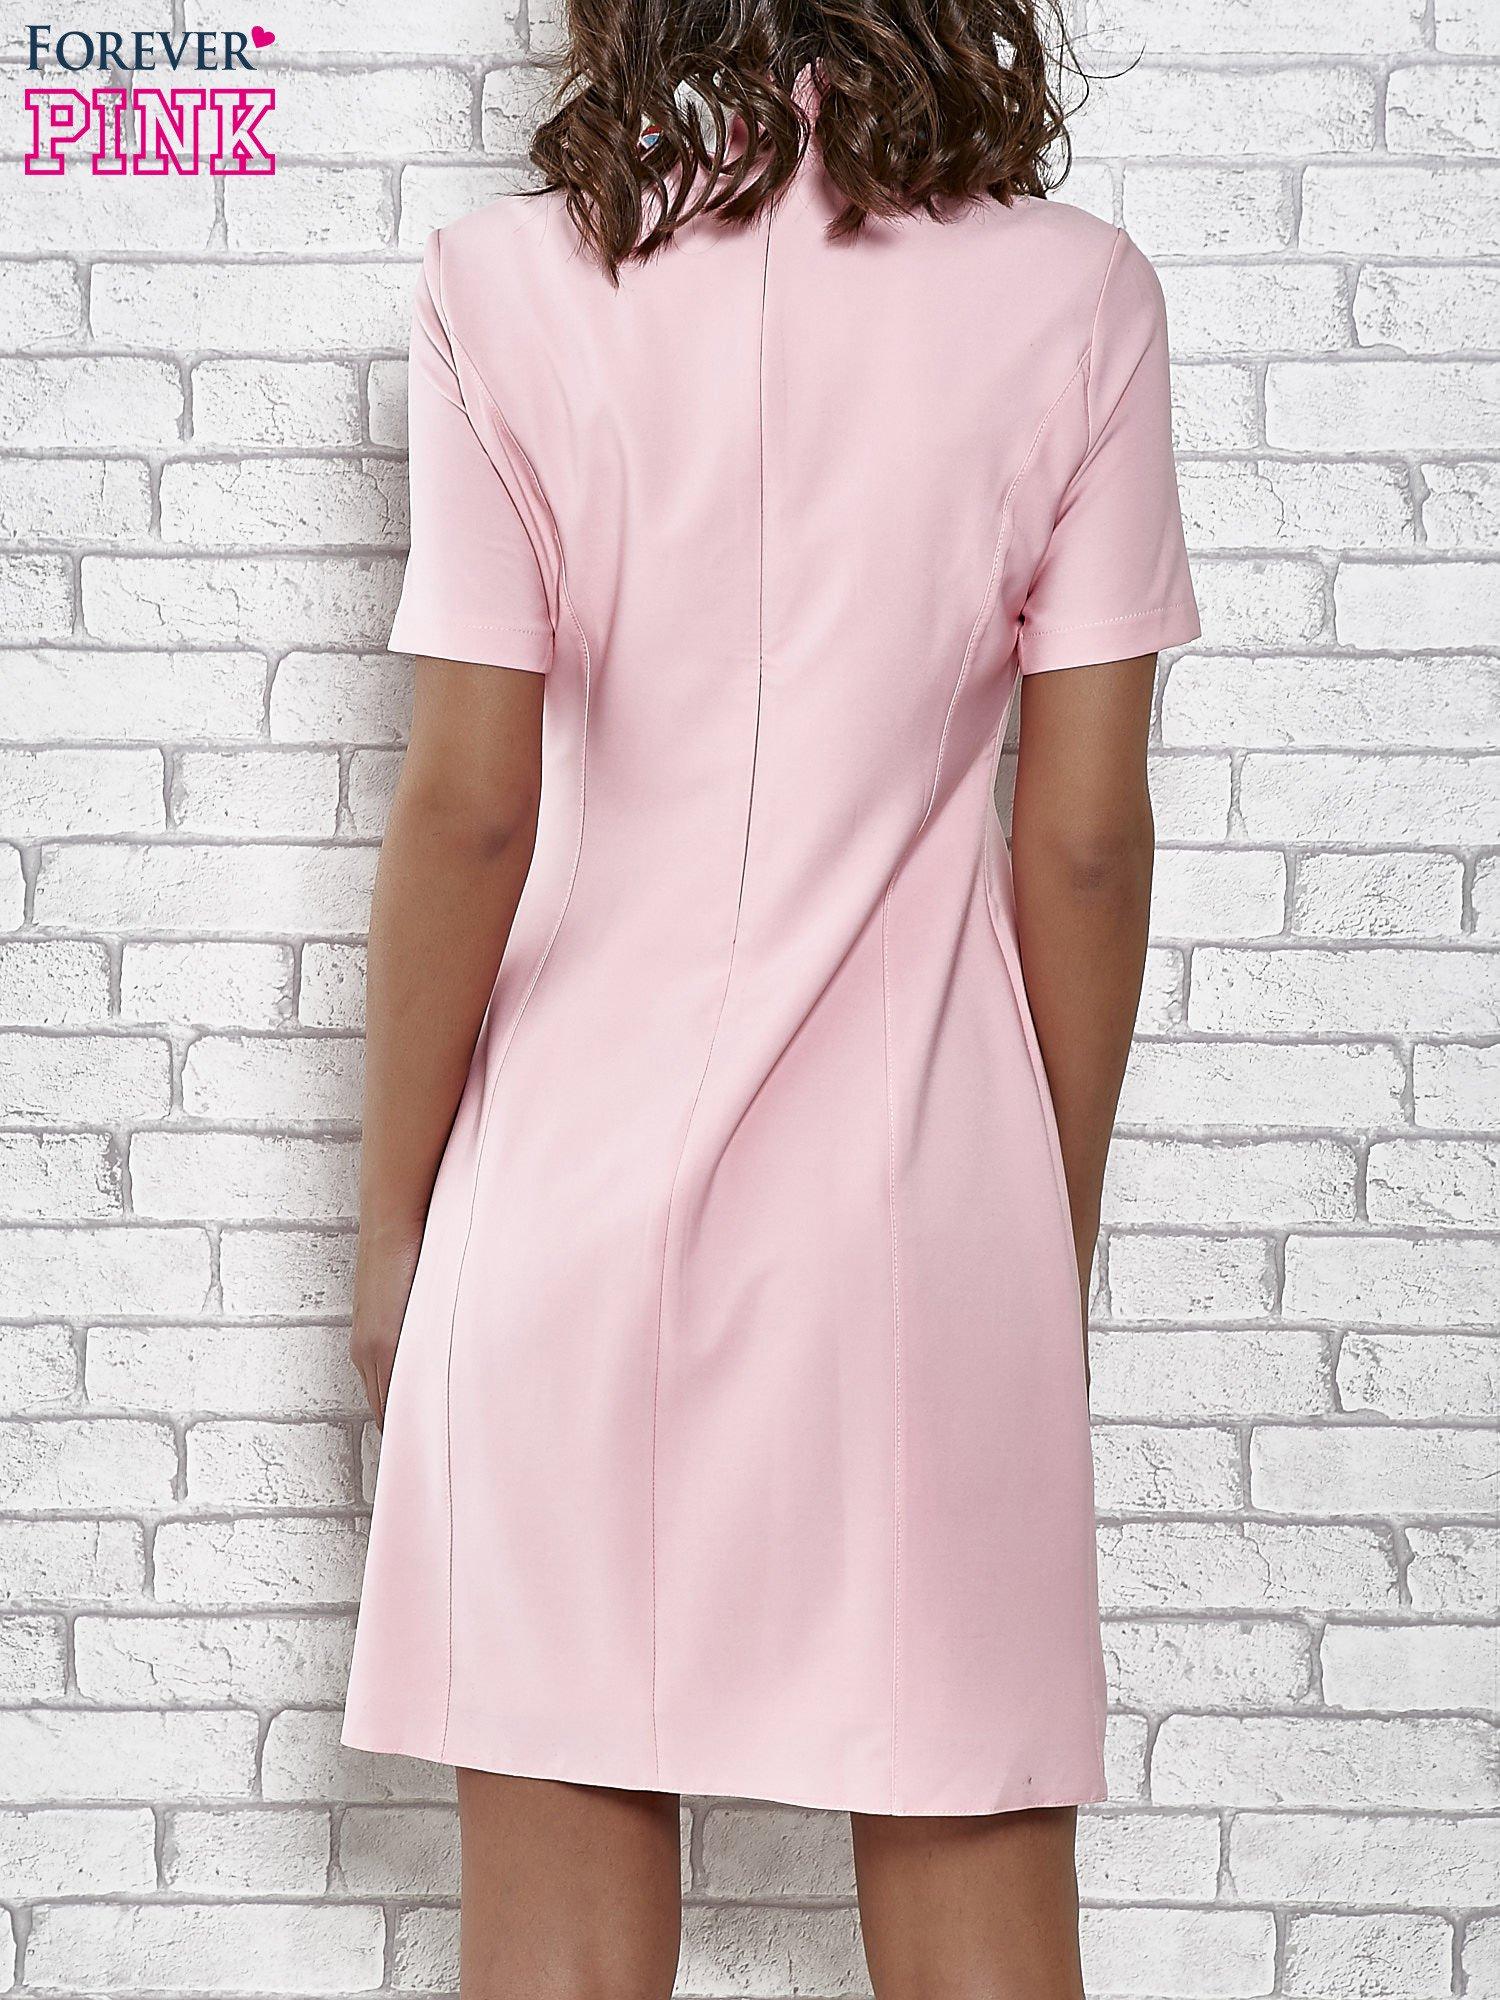 Różowa sukienka z wyszywanym kołnierzem                                  zdj.                                  4